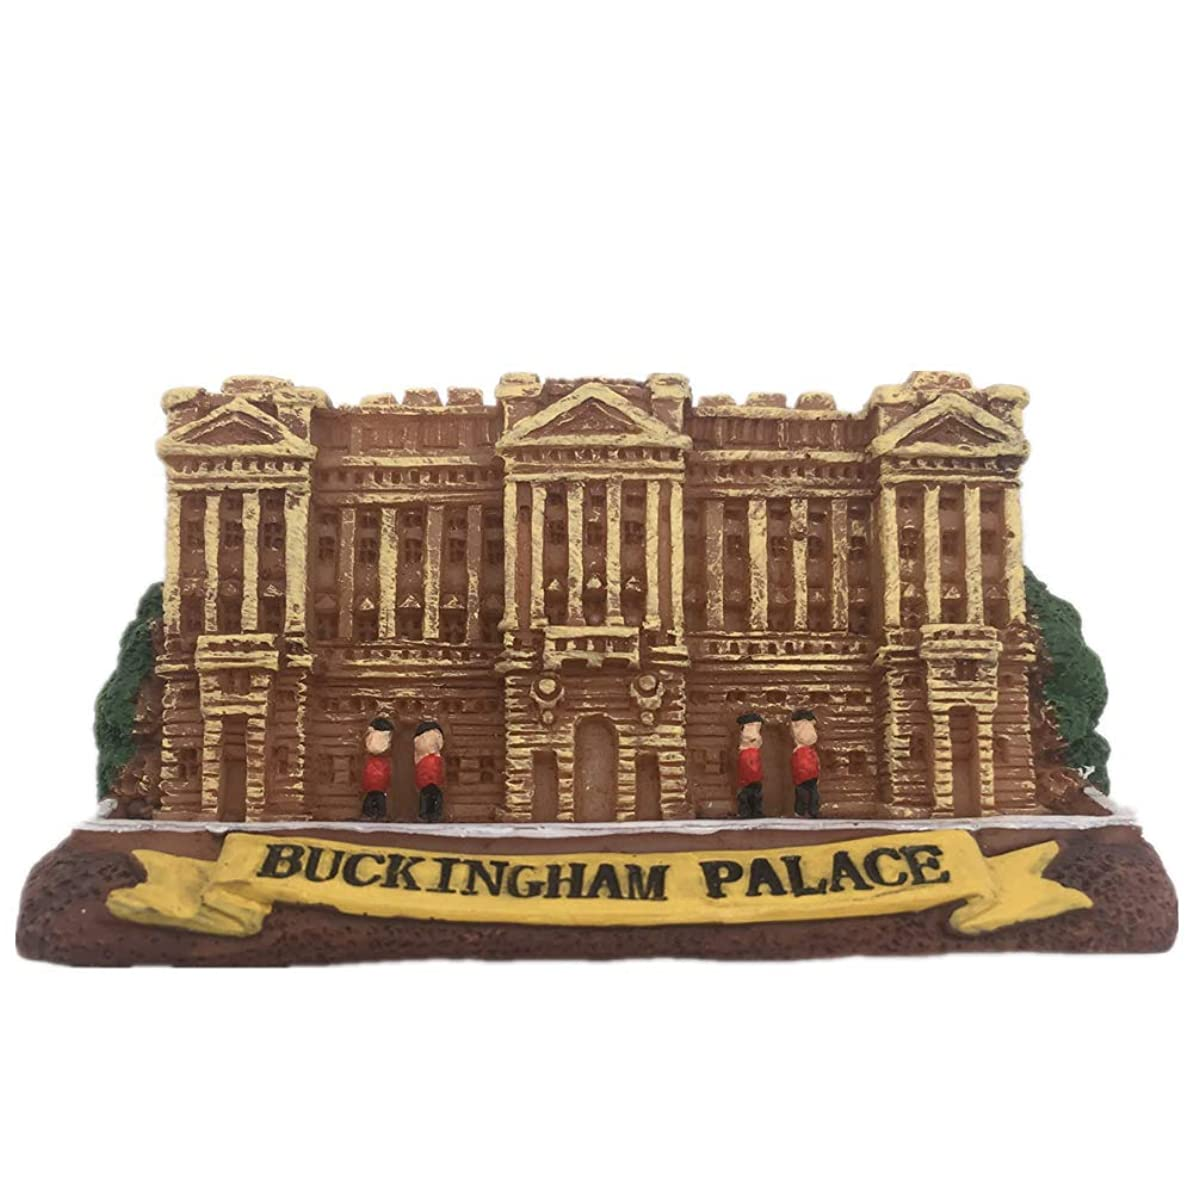 テレビ殺しますモデレータバッキンガム宮殿ロンドンイングランド英国冷蔵庫用マグネットステッカー3D手作り樹脂旅行ギフトお土産コレクションデコレーション